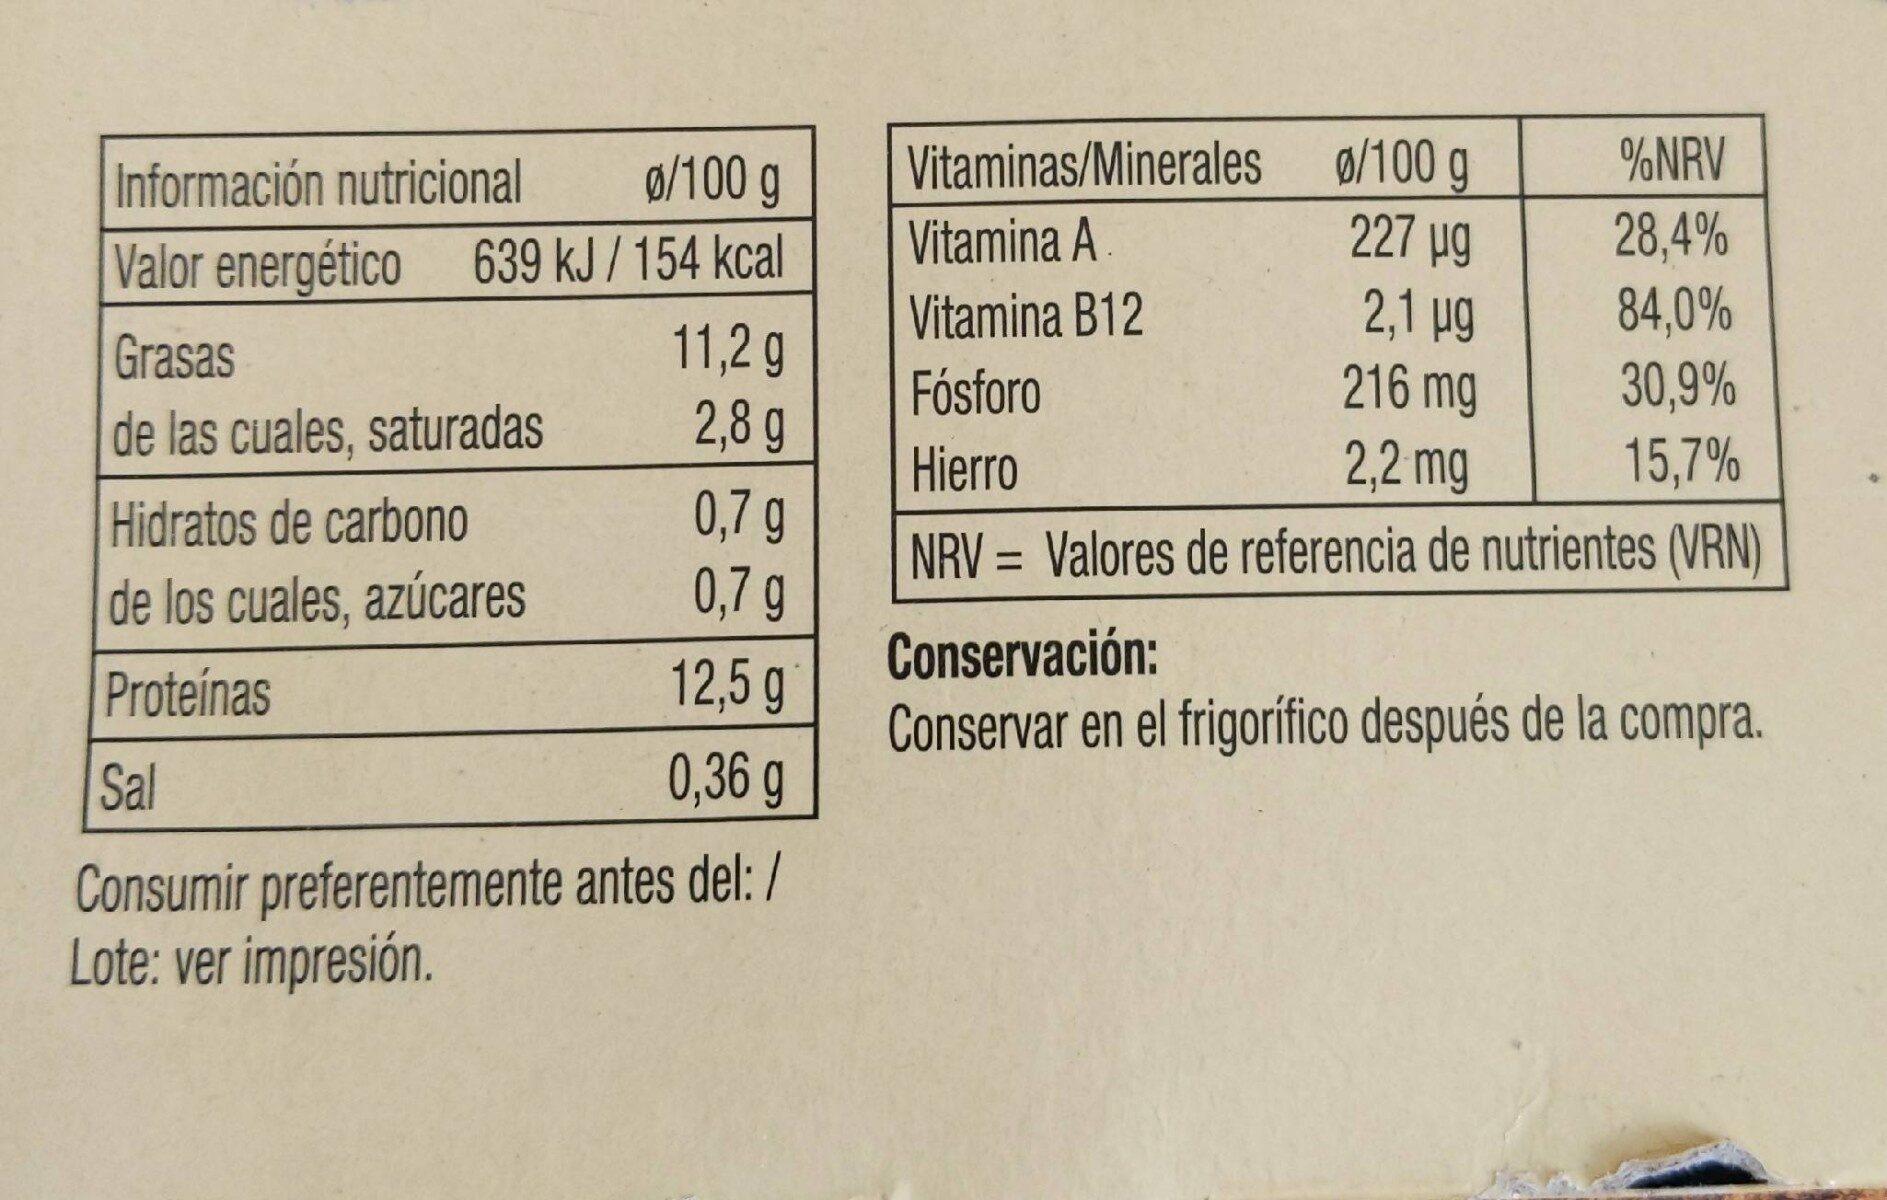 12 Huevos criadas en suelo - Información nutricional - fr